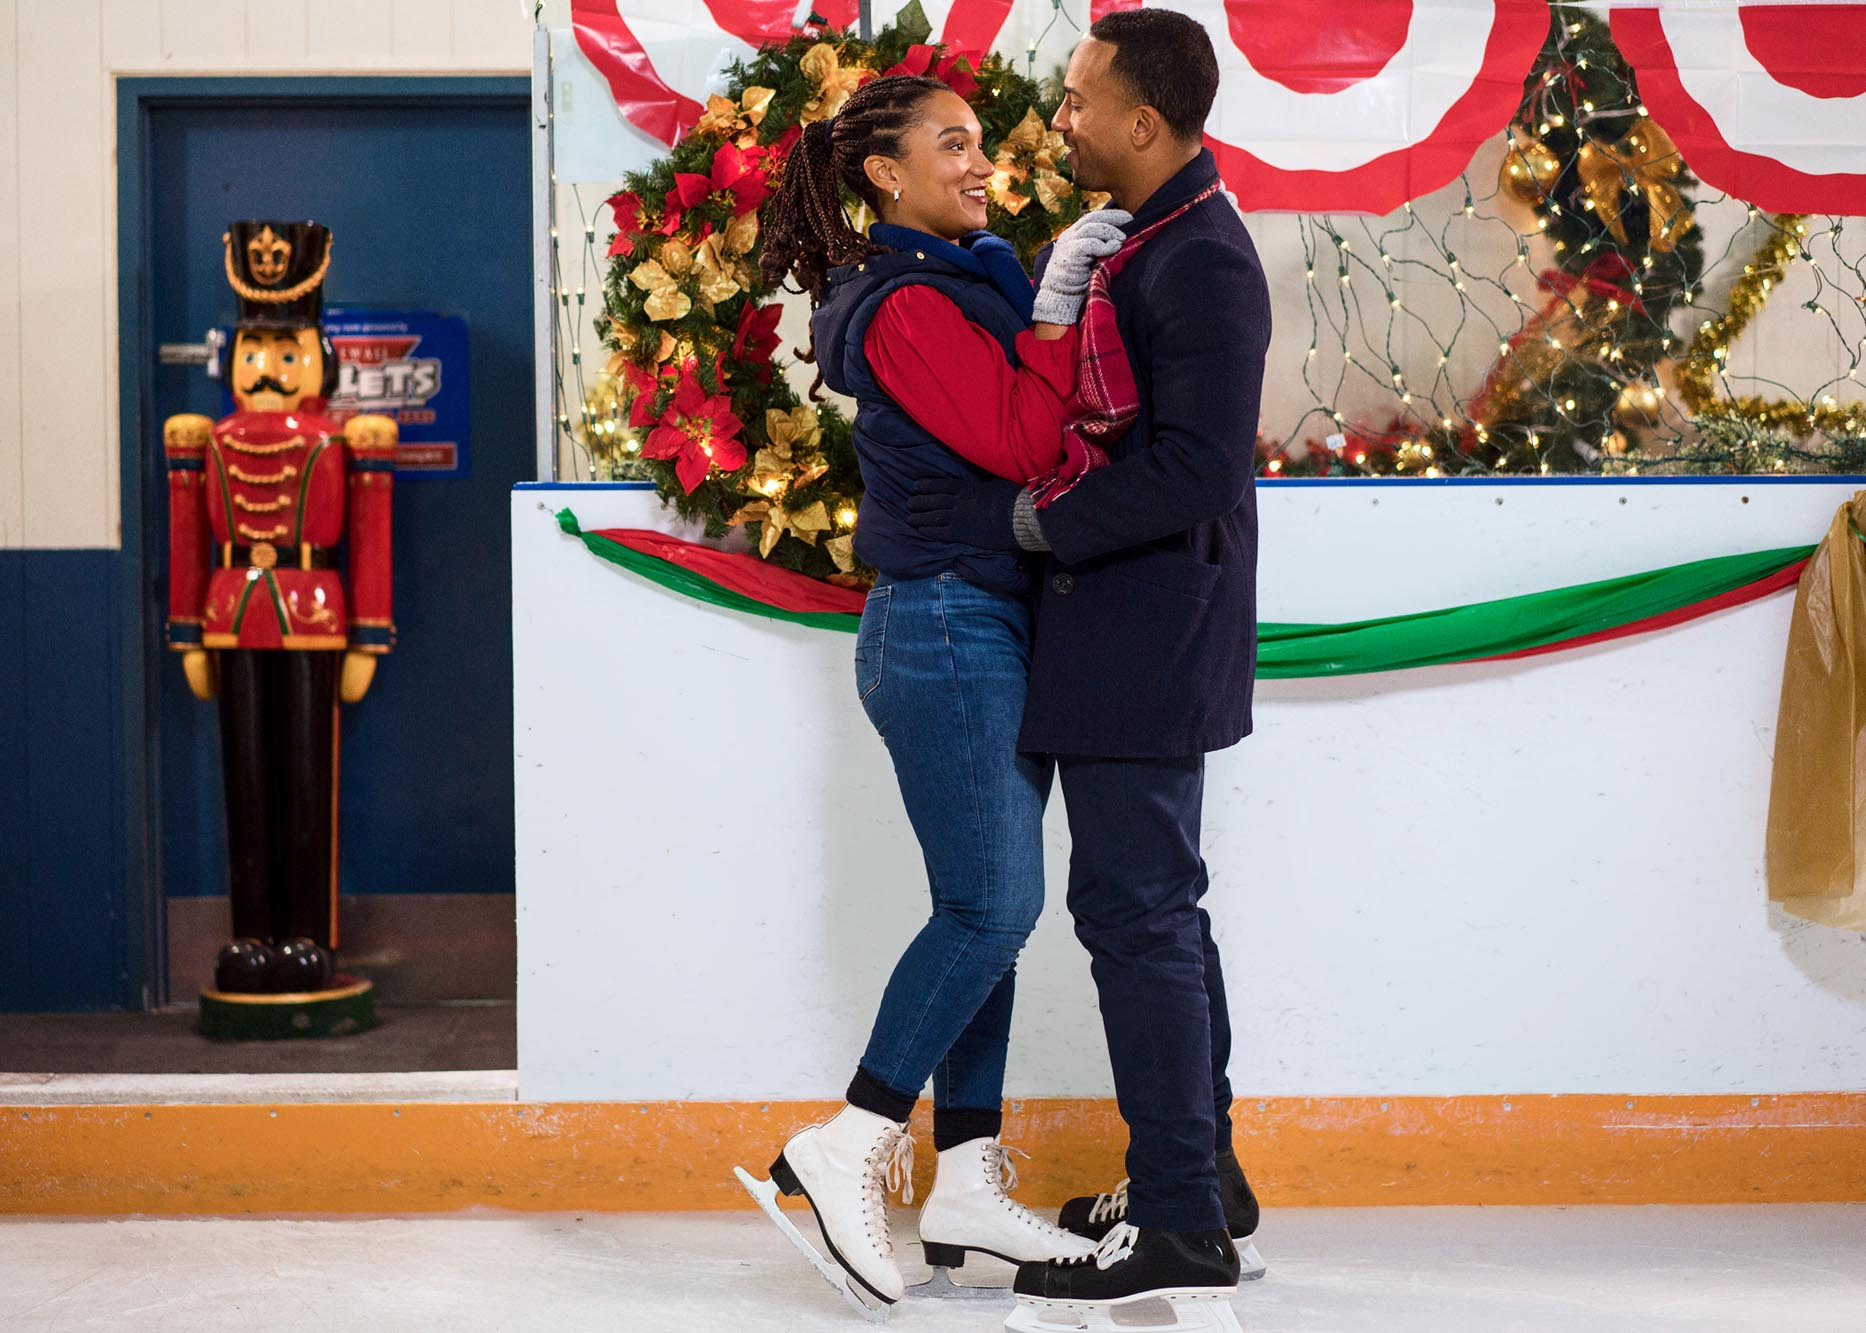 2021 Lifetime Christmas Movies - You Make it Feel Like Christmas